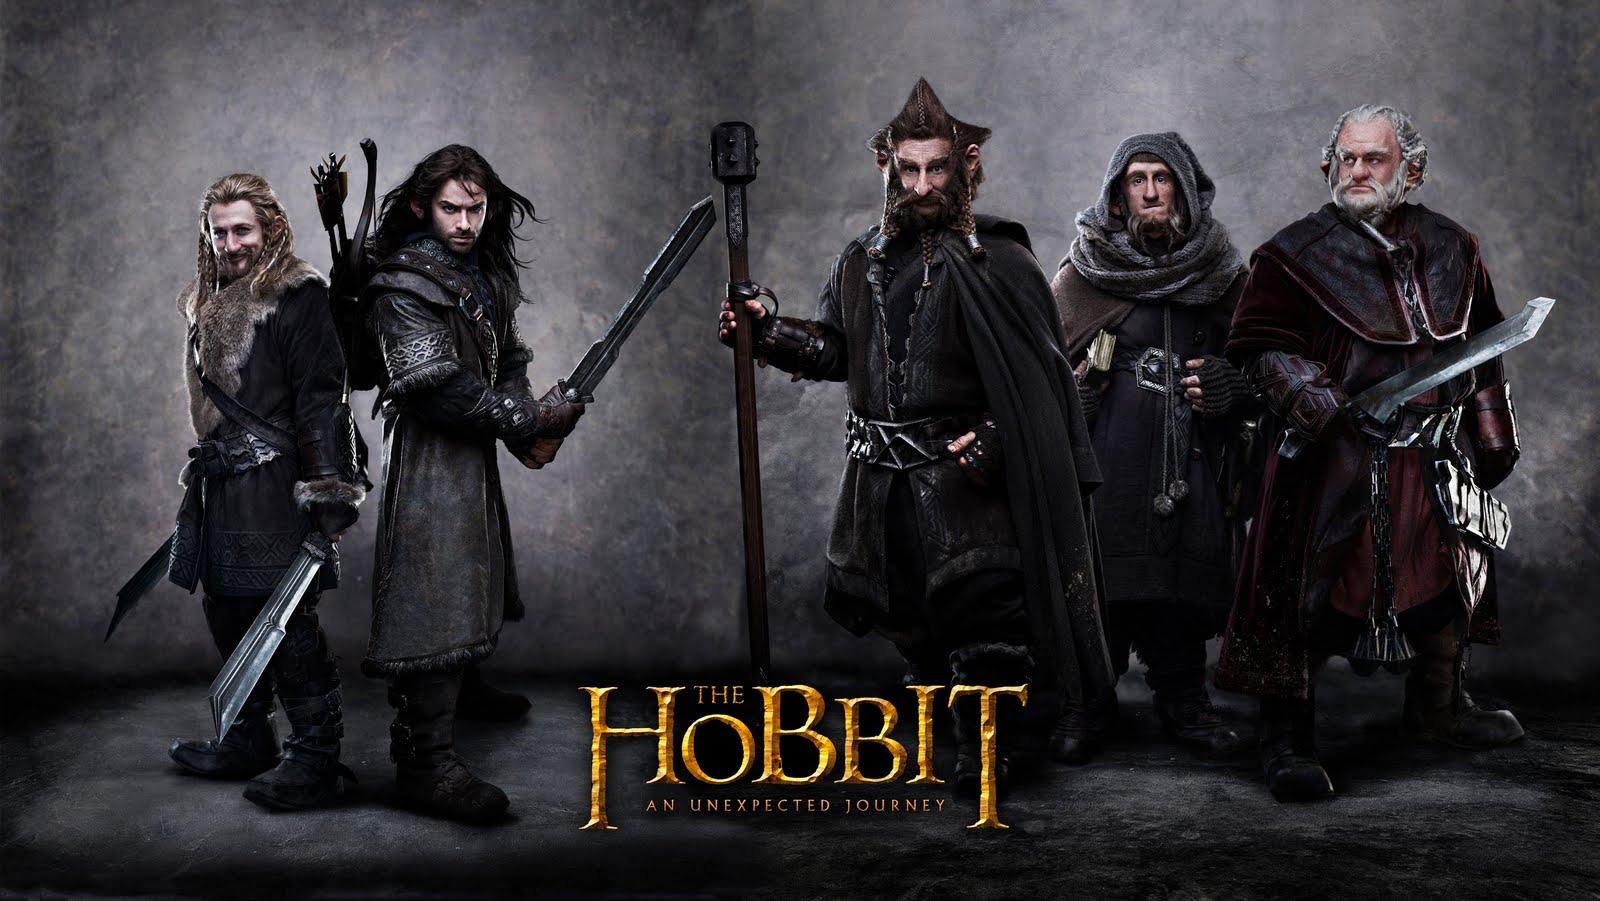 http://1.bp.blogspot.com/-yJPhhq65zyU/TimnQ_5WcQI/AAAAAAAACUM/QDarcI_L8Dk/s1600/the_hobbit_an_unexpected_journey-HD-poster-wallpaper.jpg